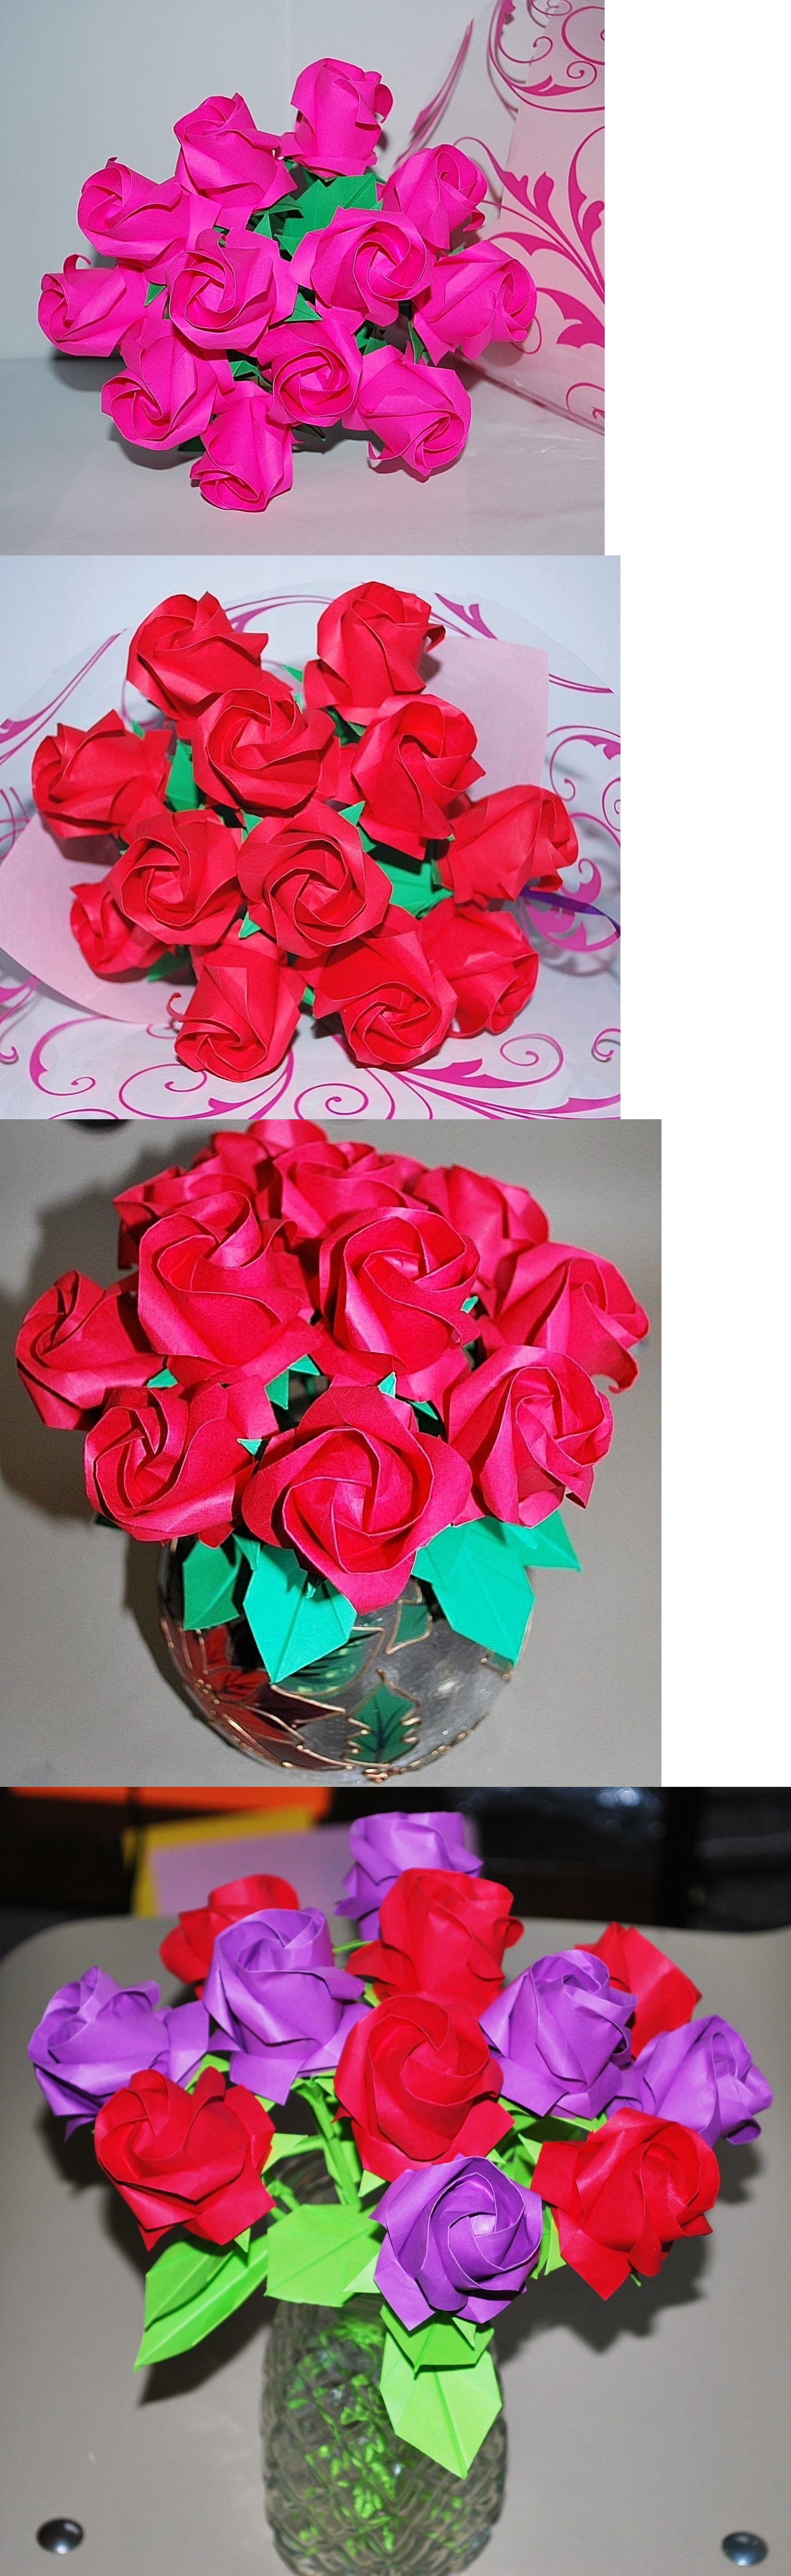 Valentine Gifts Dozen Red Roses Origami Flower Bouquet Valentine